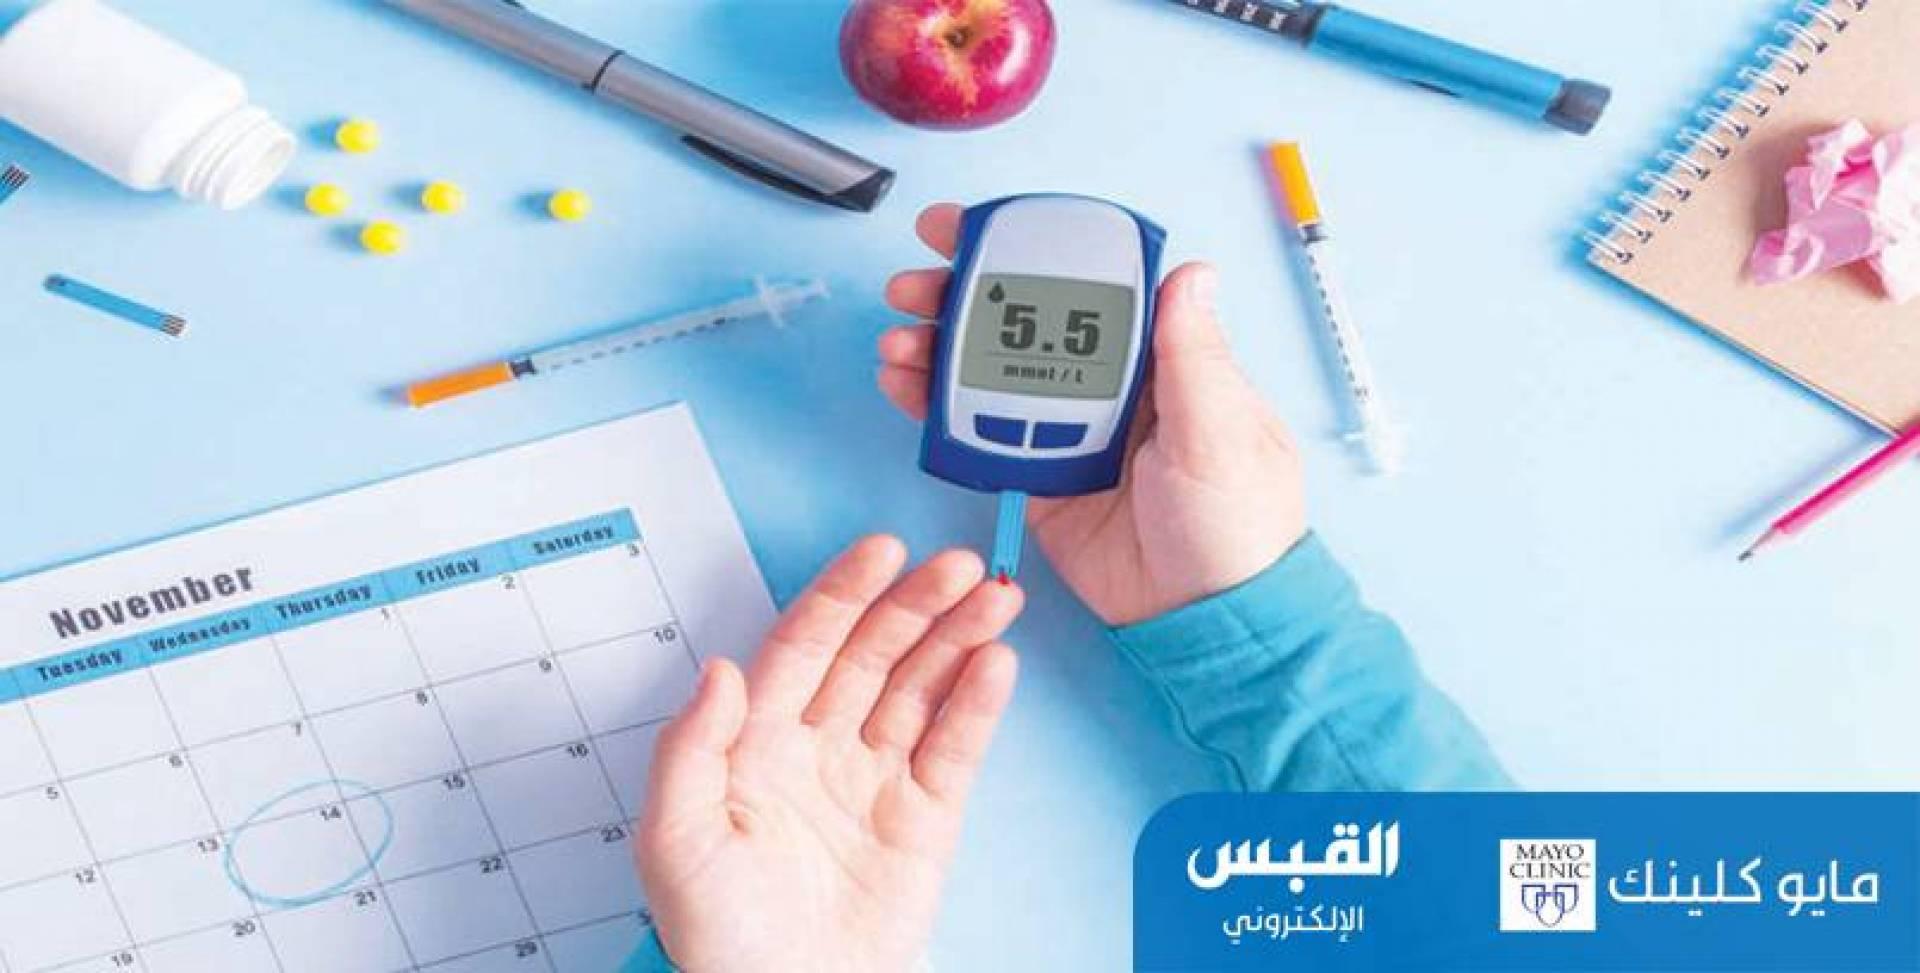 هل الصوم أثناء شهر رمضان آمن.. إذا كنت مصاباً بداء السكري؟